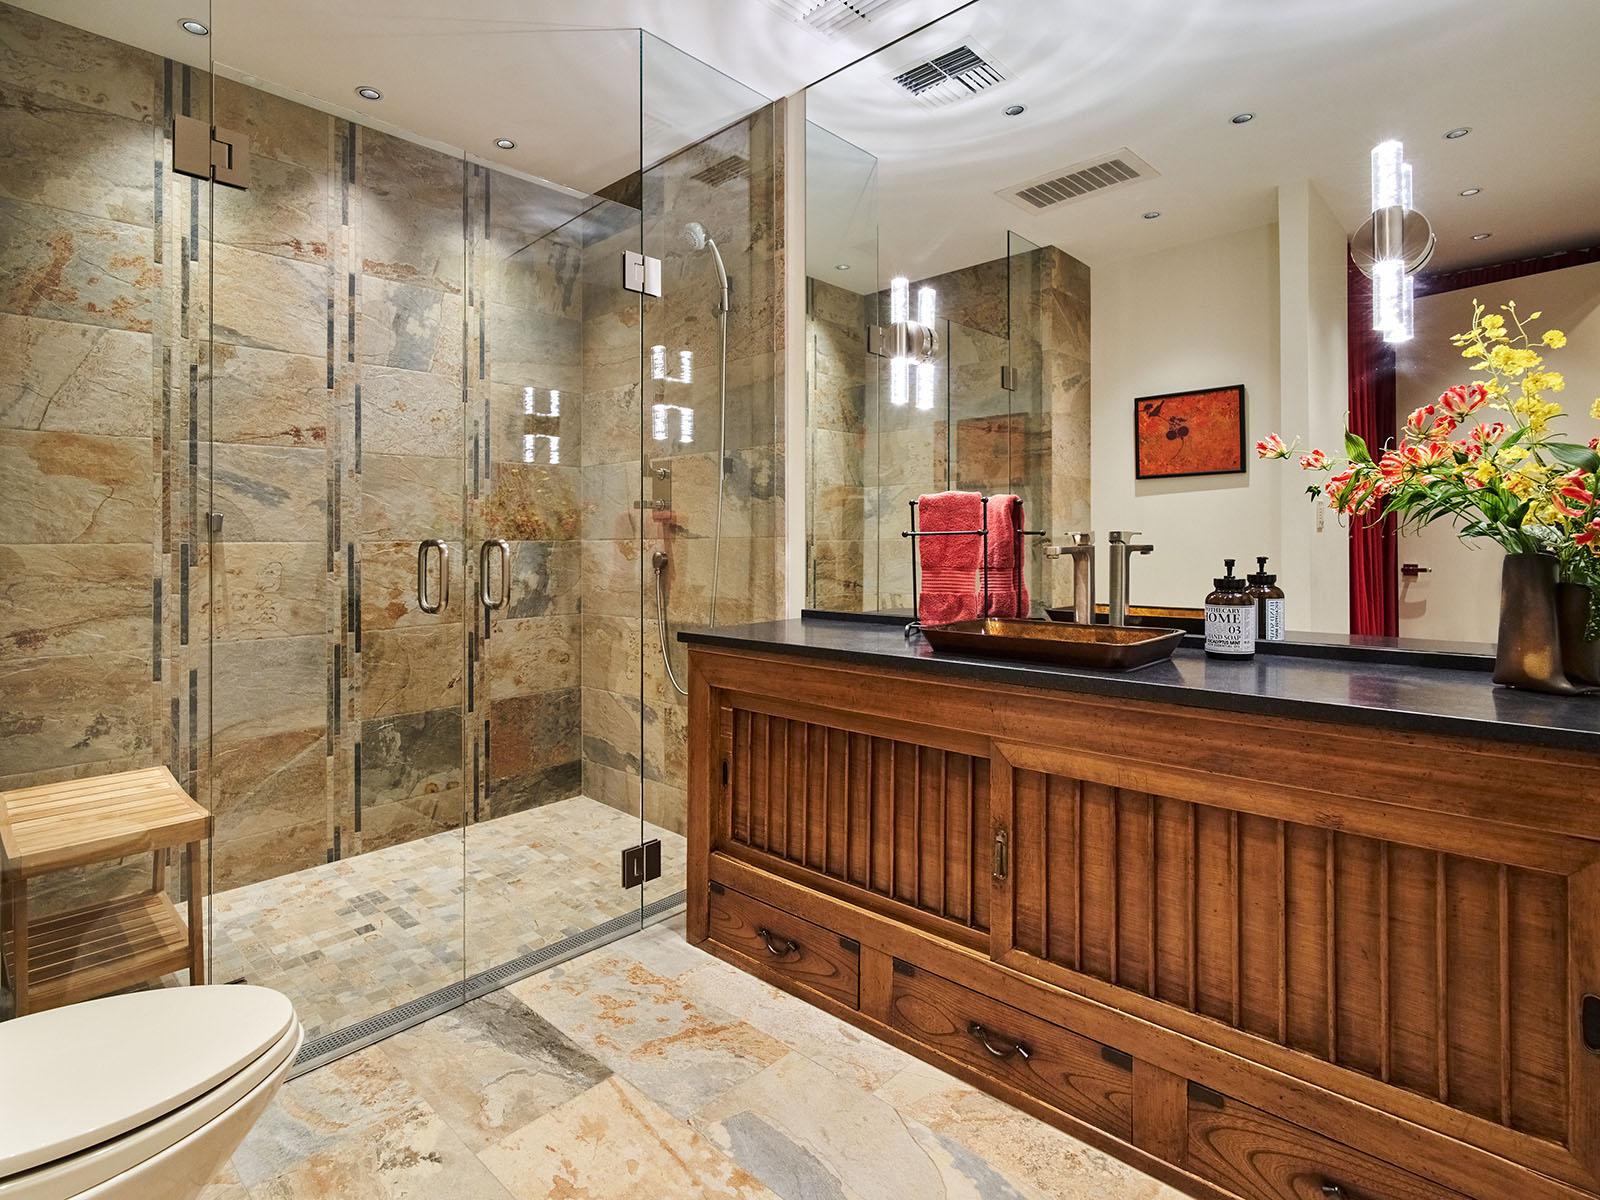 Piano room bathroom